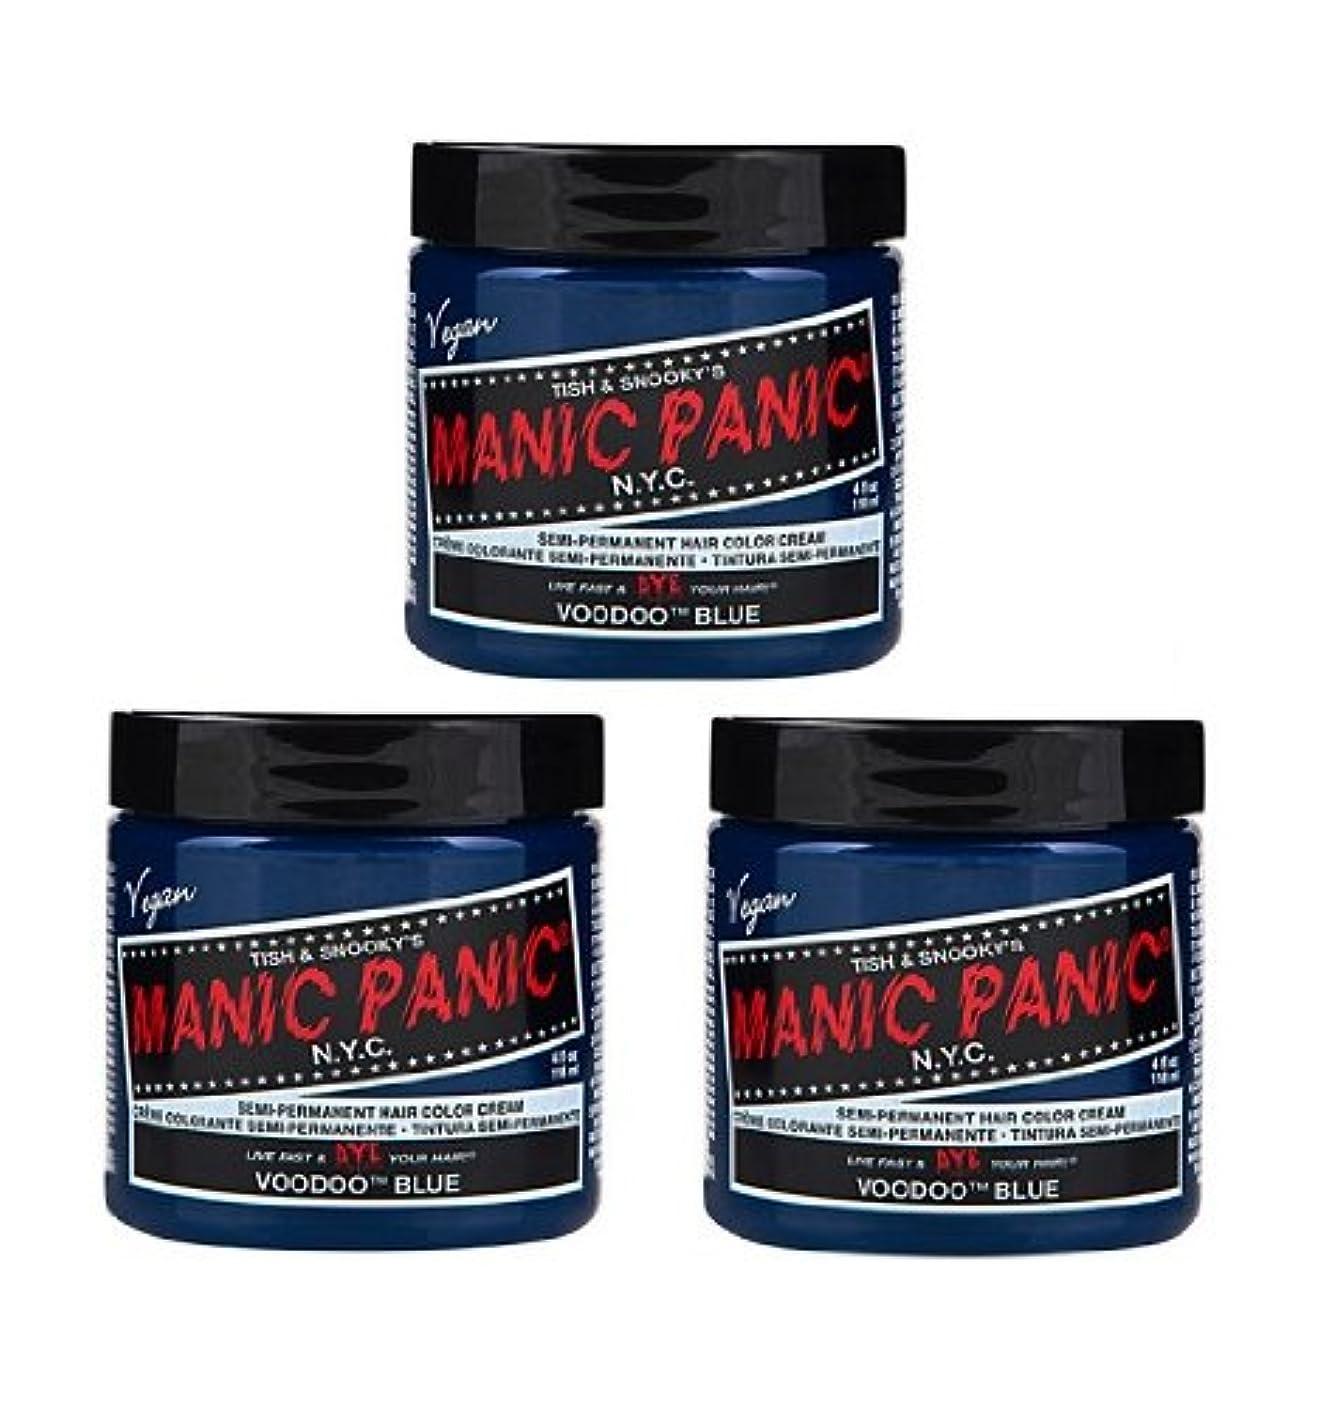 プロペラ複製議会【3個セット】MANIC PANIC マニックパニック Voodoo Blue ブードゥーブルー 118ml